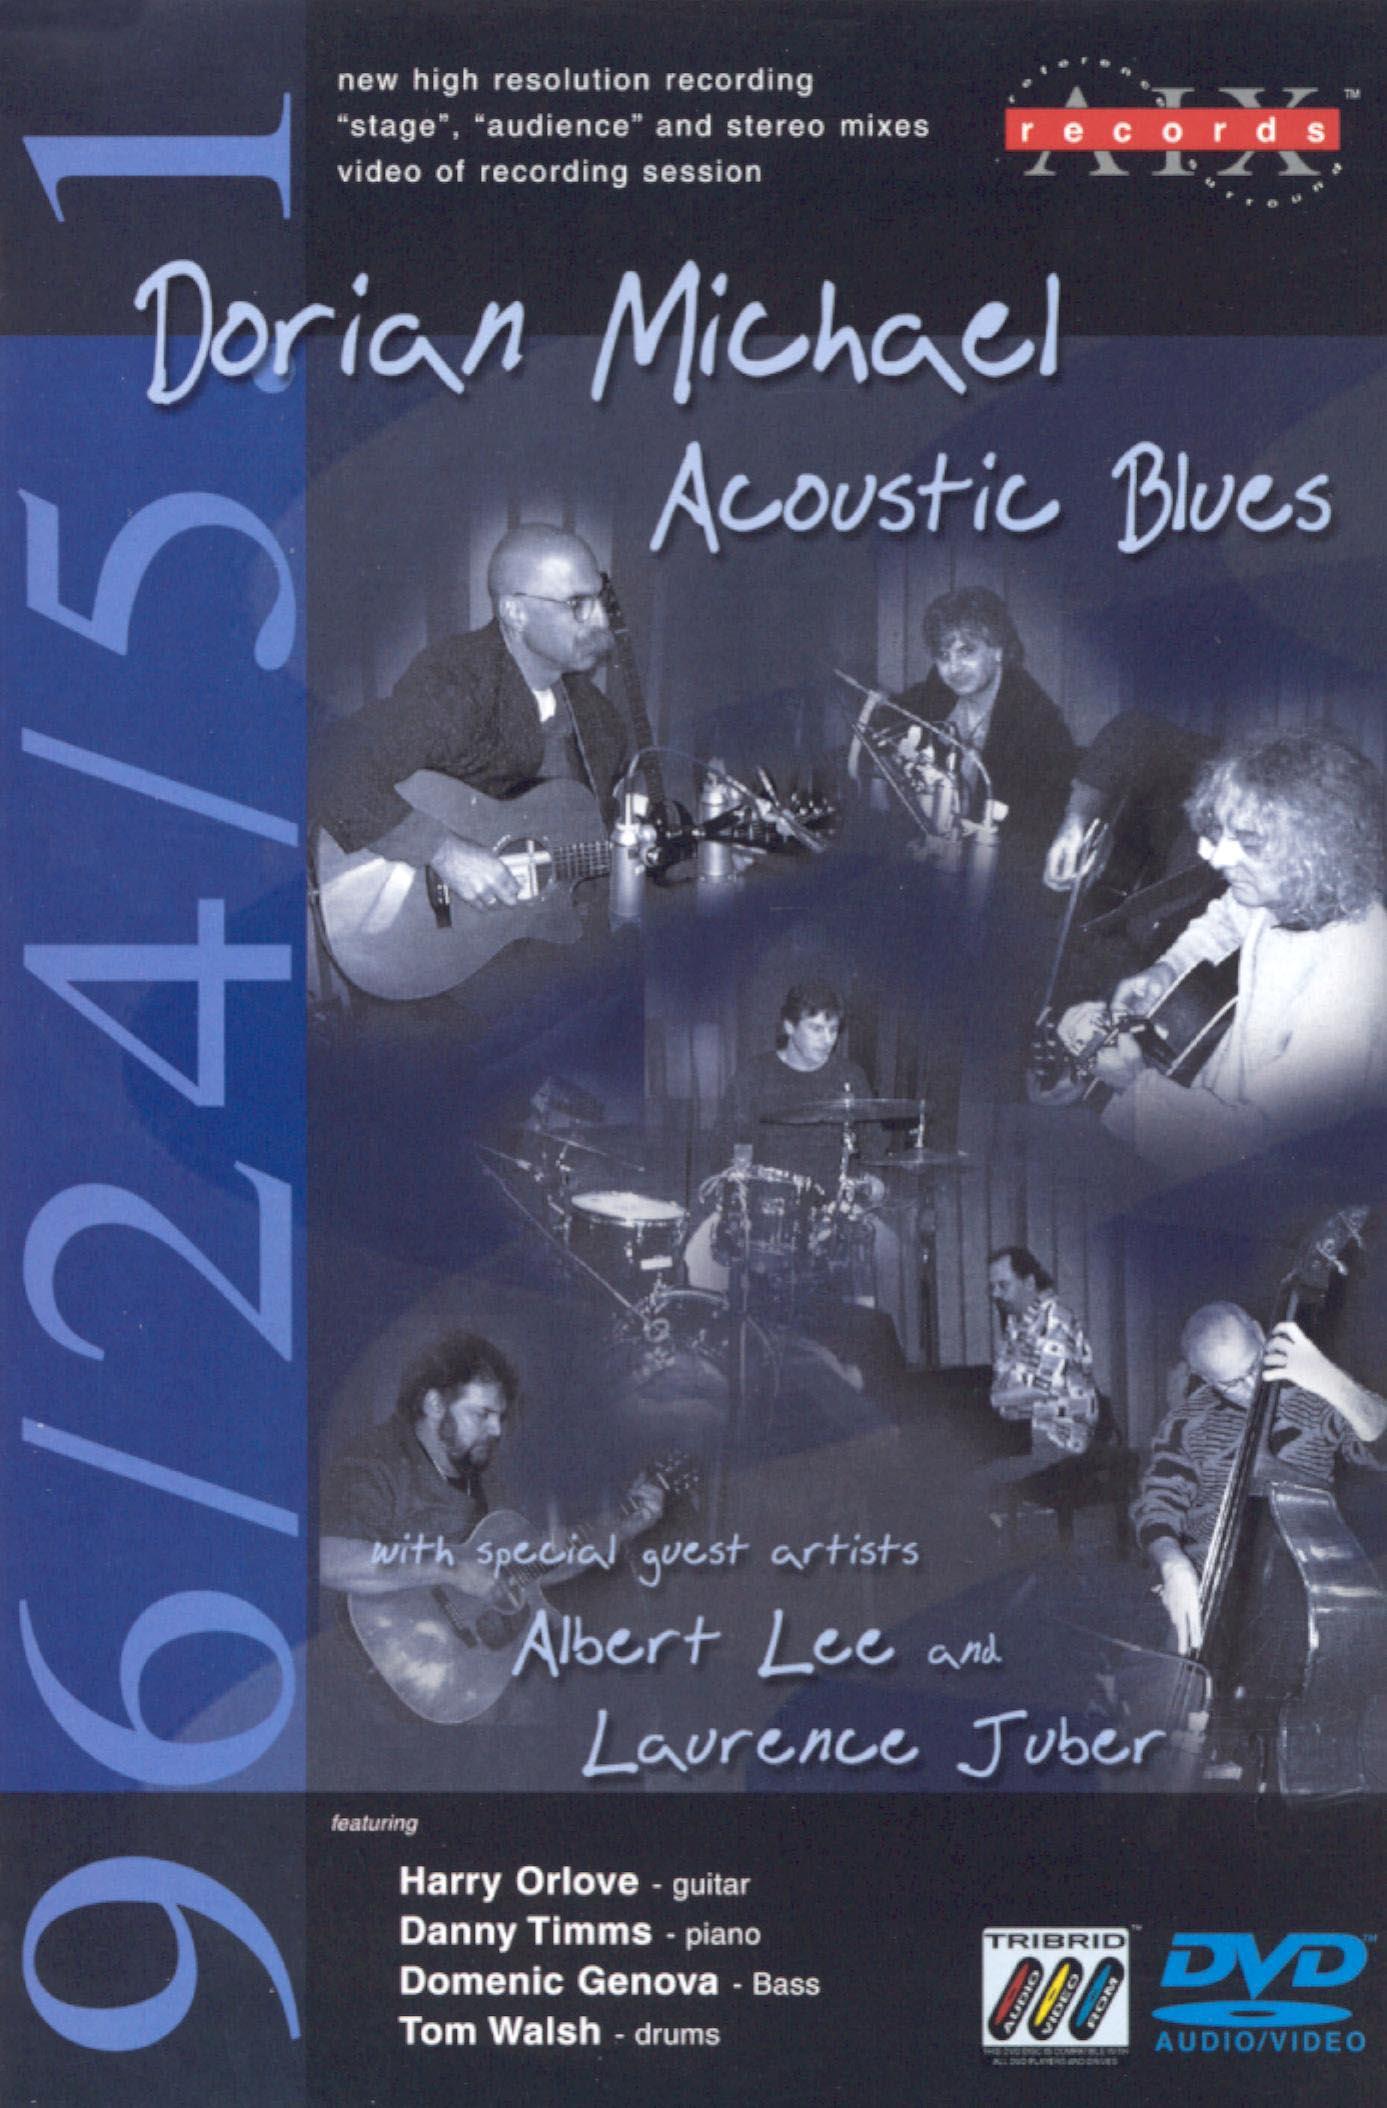 Dorian Michael: Acoustic Blues